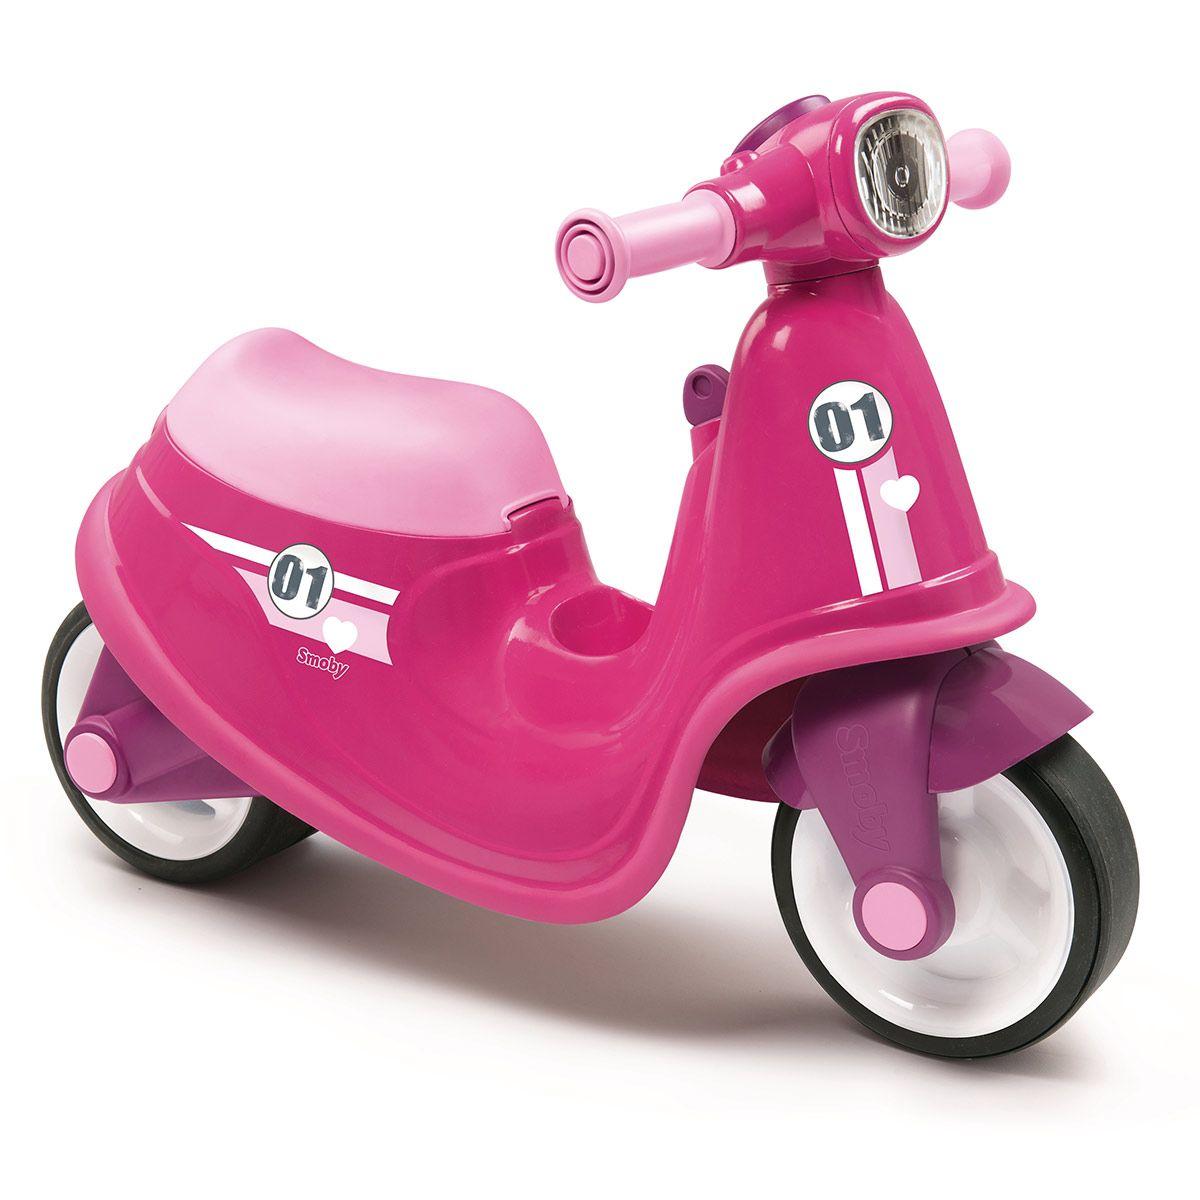 Porteur scooter rose - Jouets d'éveil et